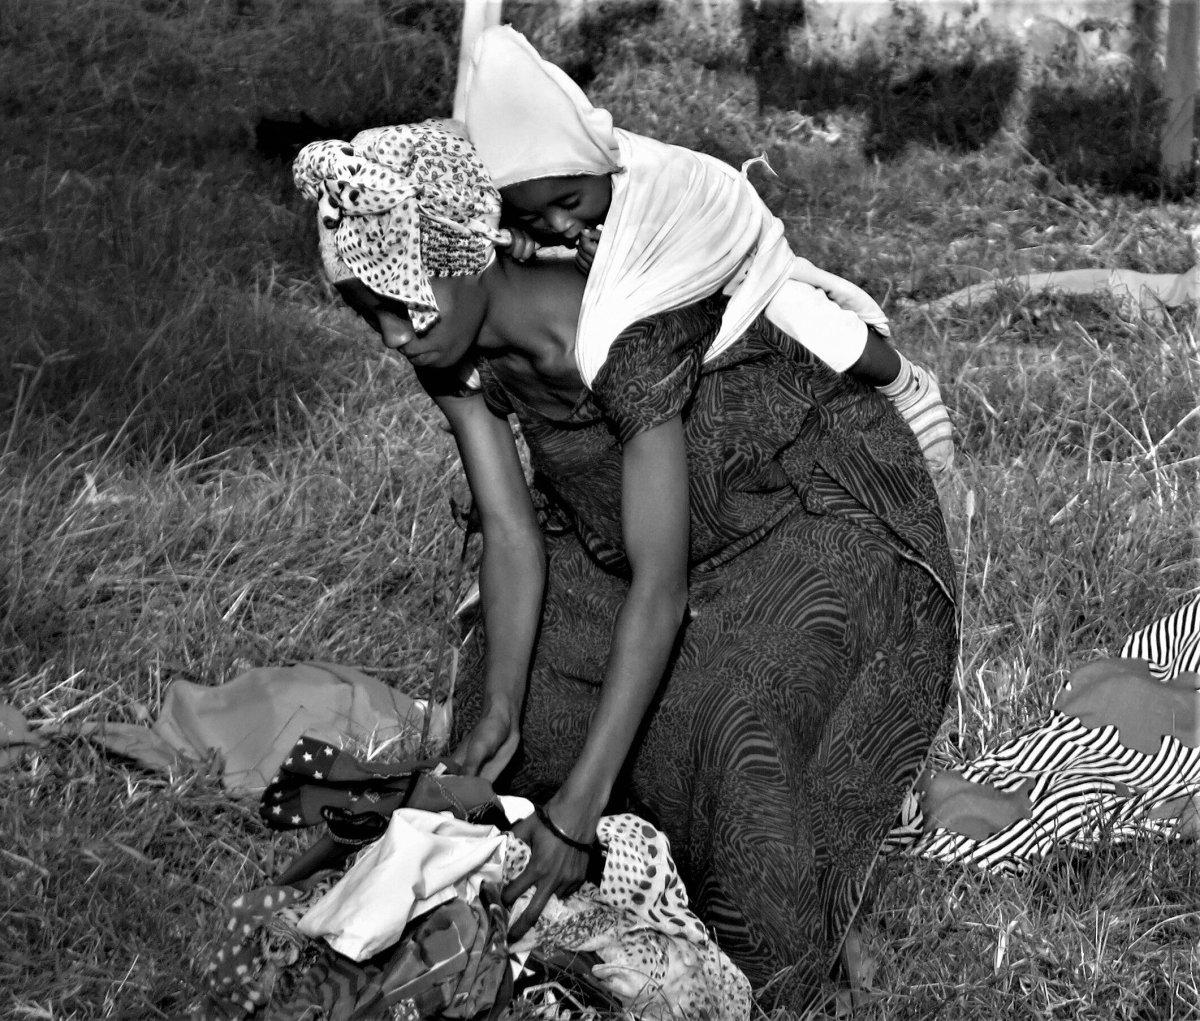 El fin de la pobreza africa alegria gambo alegria sin fronteras dr alegria